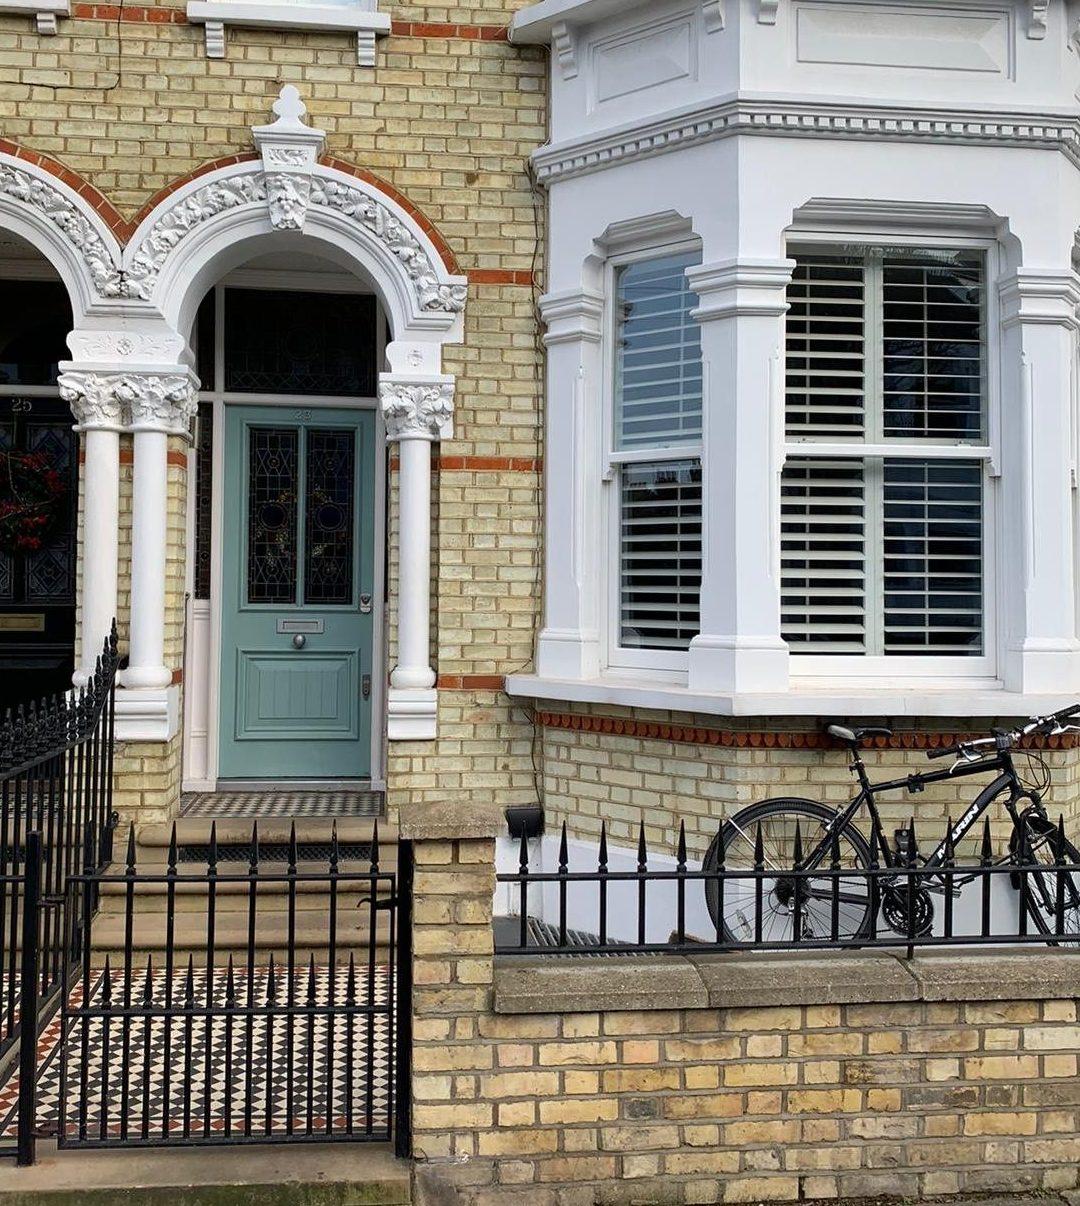 Teal Front Door in London